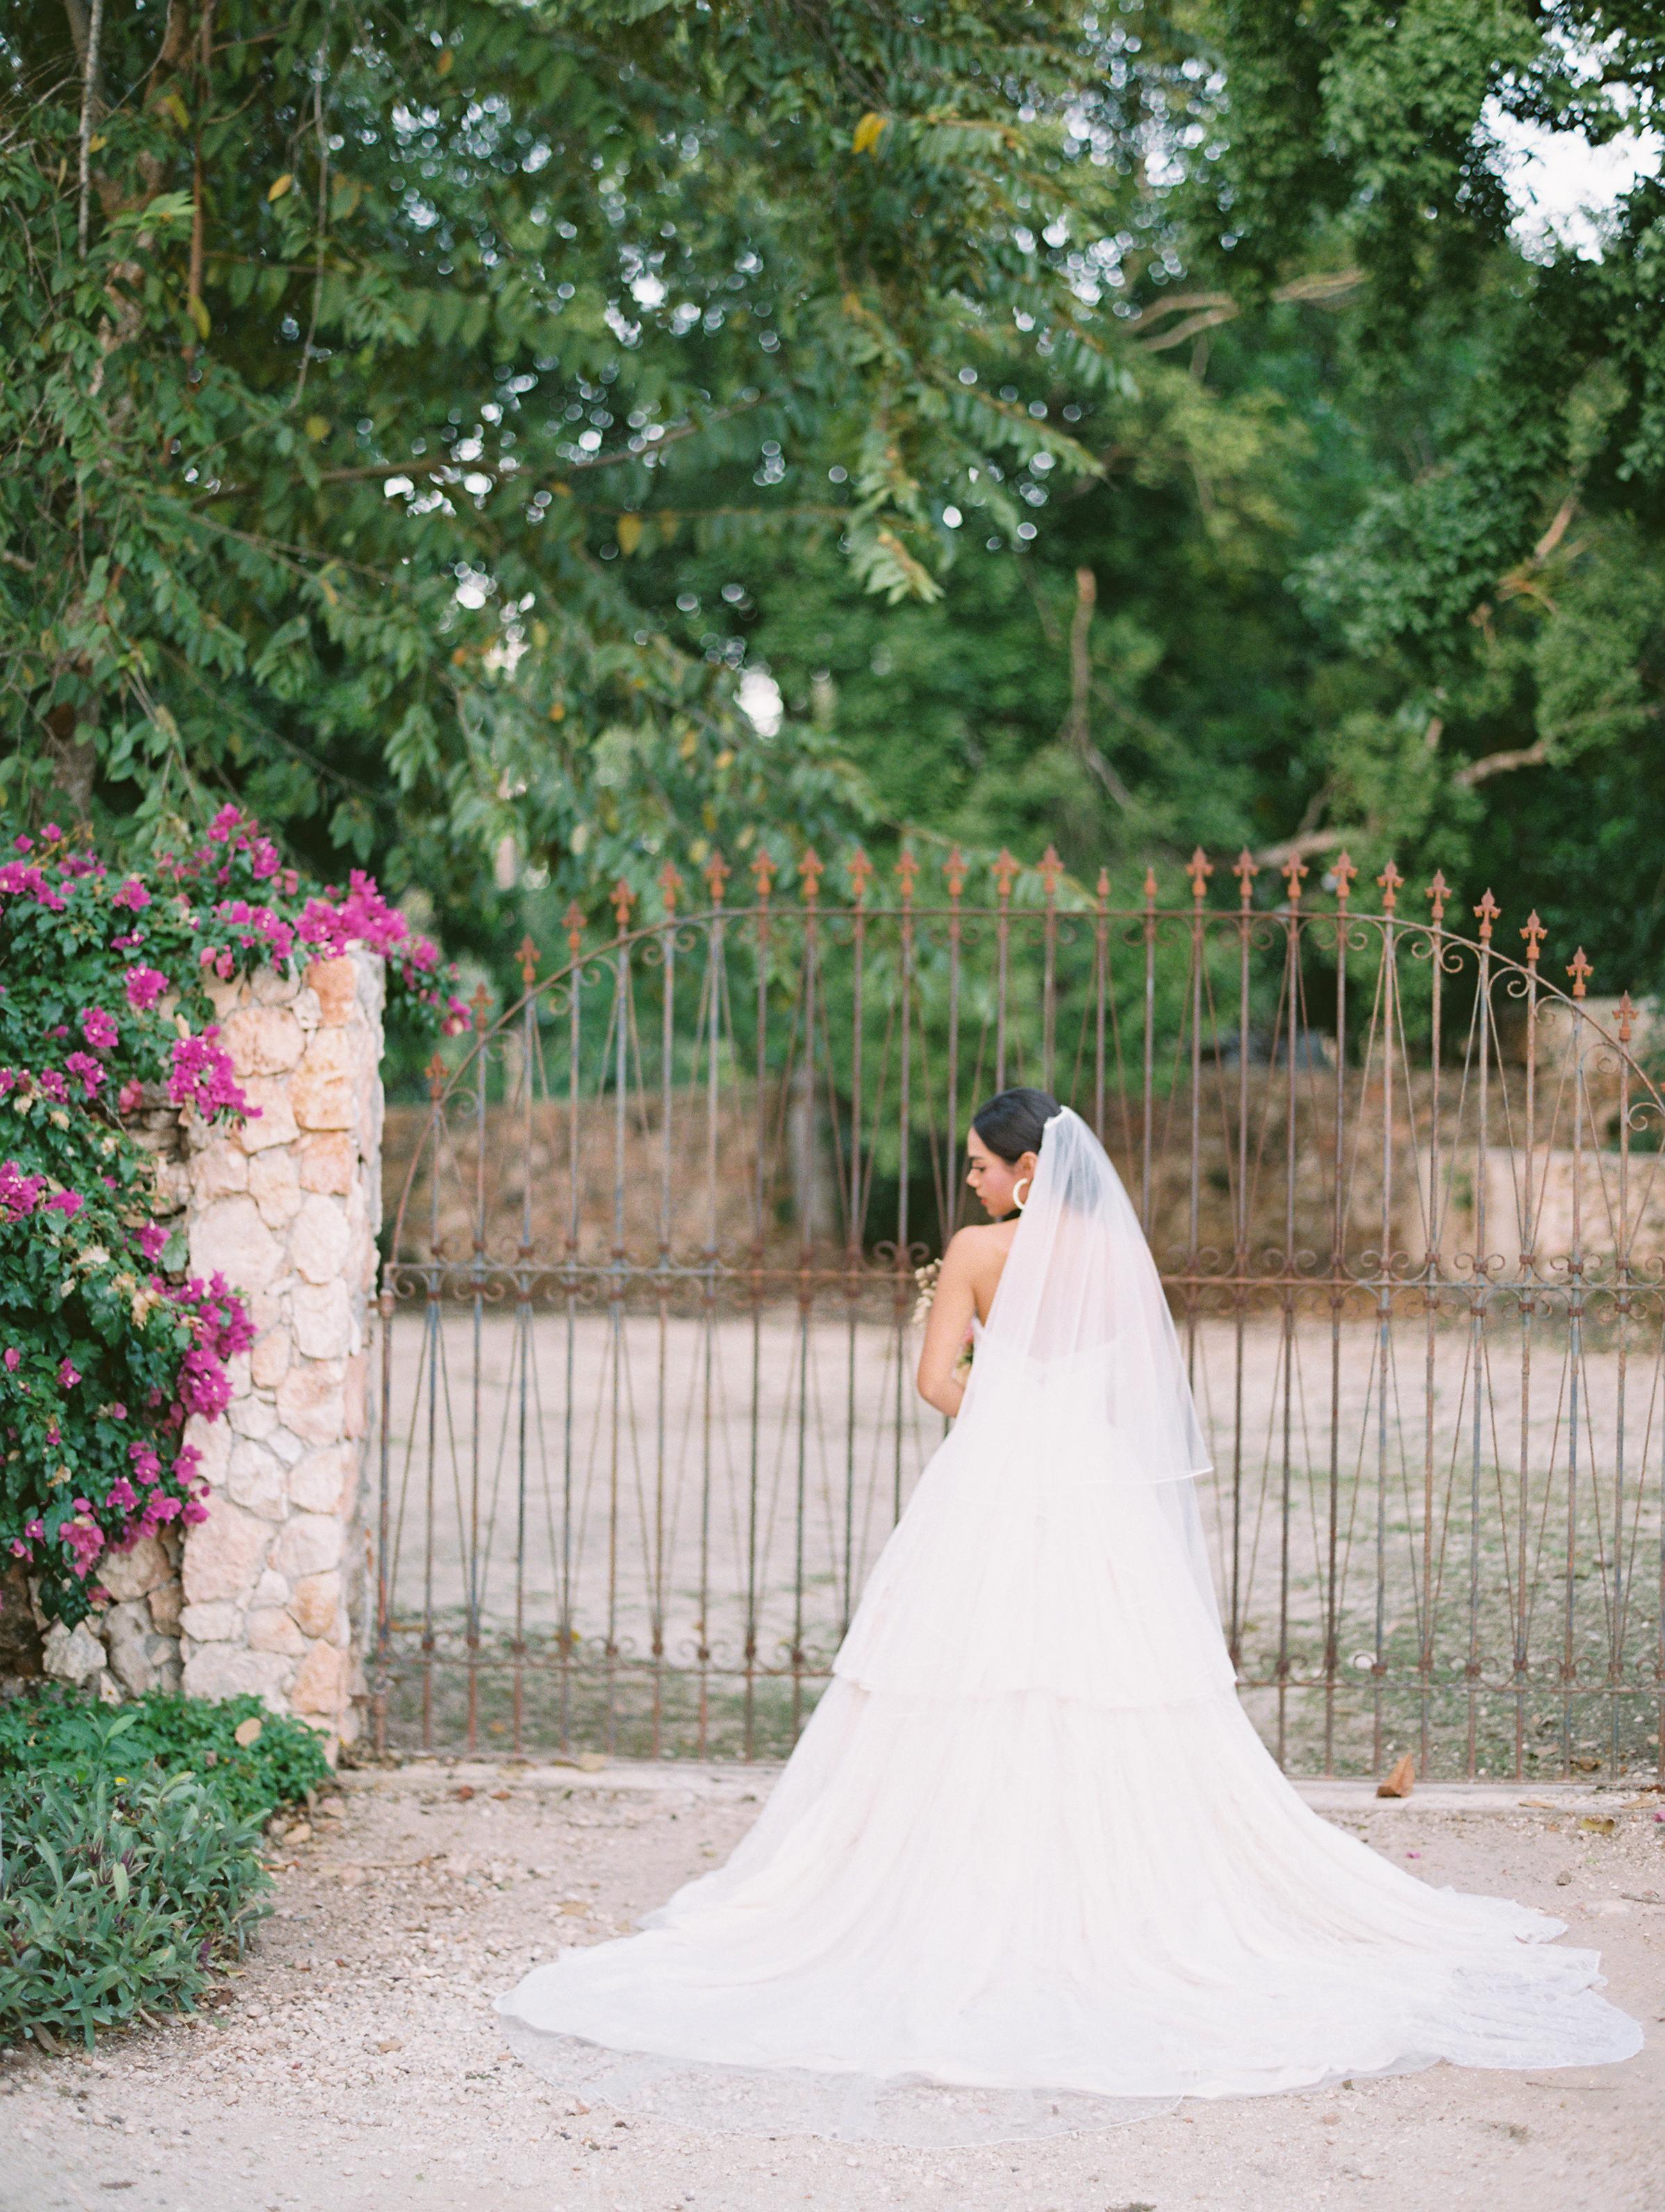 Intimate Hacienda Wedding - Mérida, Yucatánview gallery